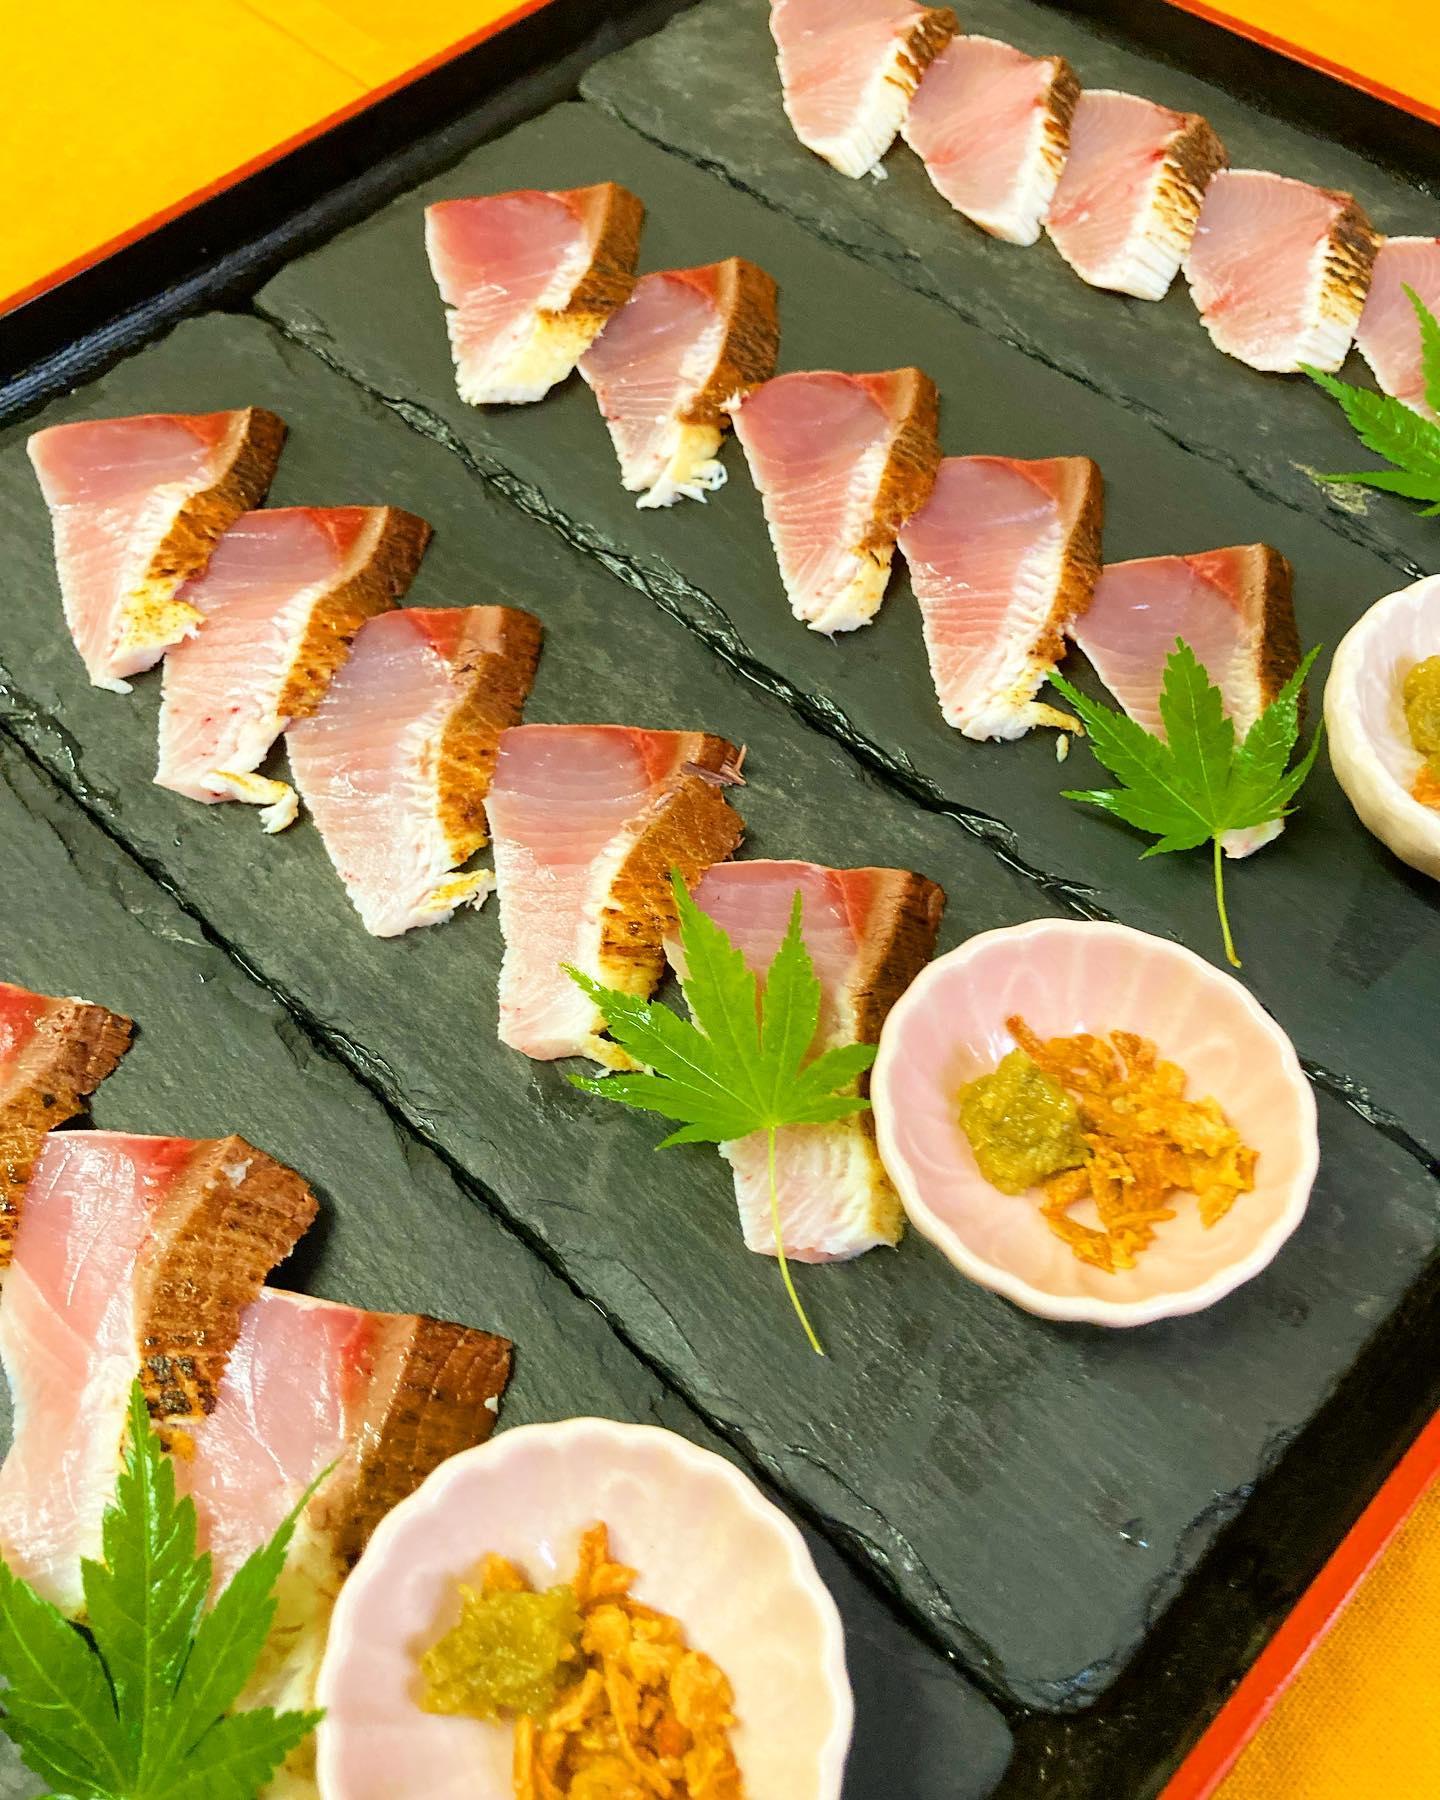 [おはしどころ菜でしこ] 〜炙りぶりのしゃぶしゃぶとお寿司〜   昨日の貸し切りコースの一品です!   お刺身用のぶりを 2〜3秒しゃぶしゃぶして 召し上がっていただきました   3枚はそのままポン酢で、  2枚はしゃぶしゃぶしてから シャリを巻いてお寿司に    試食で食べましたが、美味い!  かなり美味しかったですねー      〜1日1組限定️貸し切り和食コース〜   🥢お一人様      税込4400円〜  (お一人様税込11000円までご用意出来ます)    3名様以上のご家族限定 貸し切りコース️ (同居されている方のみ)   ご家族のお集まりなので 本庄市の居酒屋でも 20時までお酒をお出し出来ます   時間 11:00〜21:00 (19:00までにご入店ください)   ご家族だけの貸し切り️   贅沢なお時間を お過ごしいただけます   なお、貸し切りコースやテイクアウトの ご予約が無い日は、 店休とさせていただきます。  ご予約のお問い合わせは インスタDM(プロフィール欄のメッセージ) でも可能ですので、 お気軽にお問い合わせくださいませ    【埼玉県本庄駅徒歩30秒】 【11:00〜21:00】 【お昼の和食コース有り🥢】  【インスタのメッセージ問合せ】 【お店️0495-23-3058】 【携帯080-3455-4951】      #本庄 #本庄和食 #本庄居酒屋 #ほんじょうテイクアウト #本庄海鮮居酒屋 #本庄一人飲み #本庄グルメ #本庄ディナー #本庄駅ディナー #おはしどころ菜でしこYouTube #Japanesefood  #蔓延防止措置